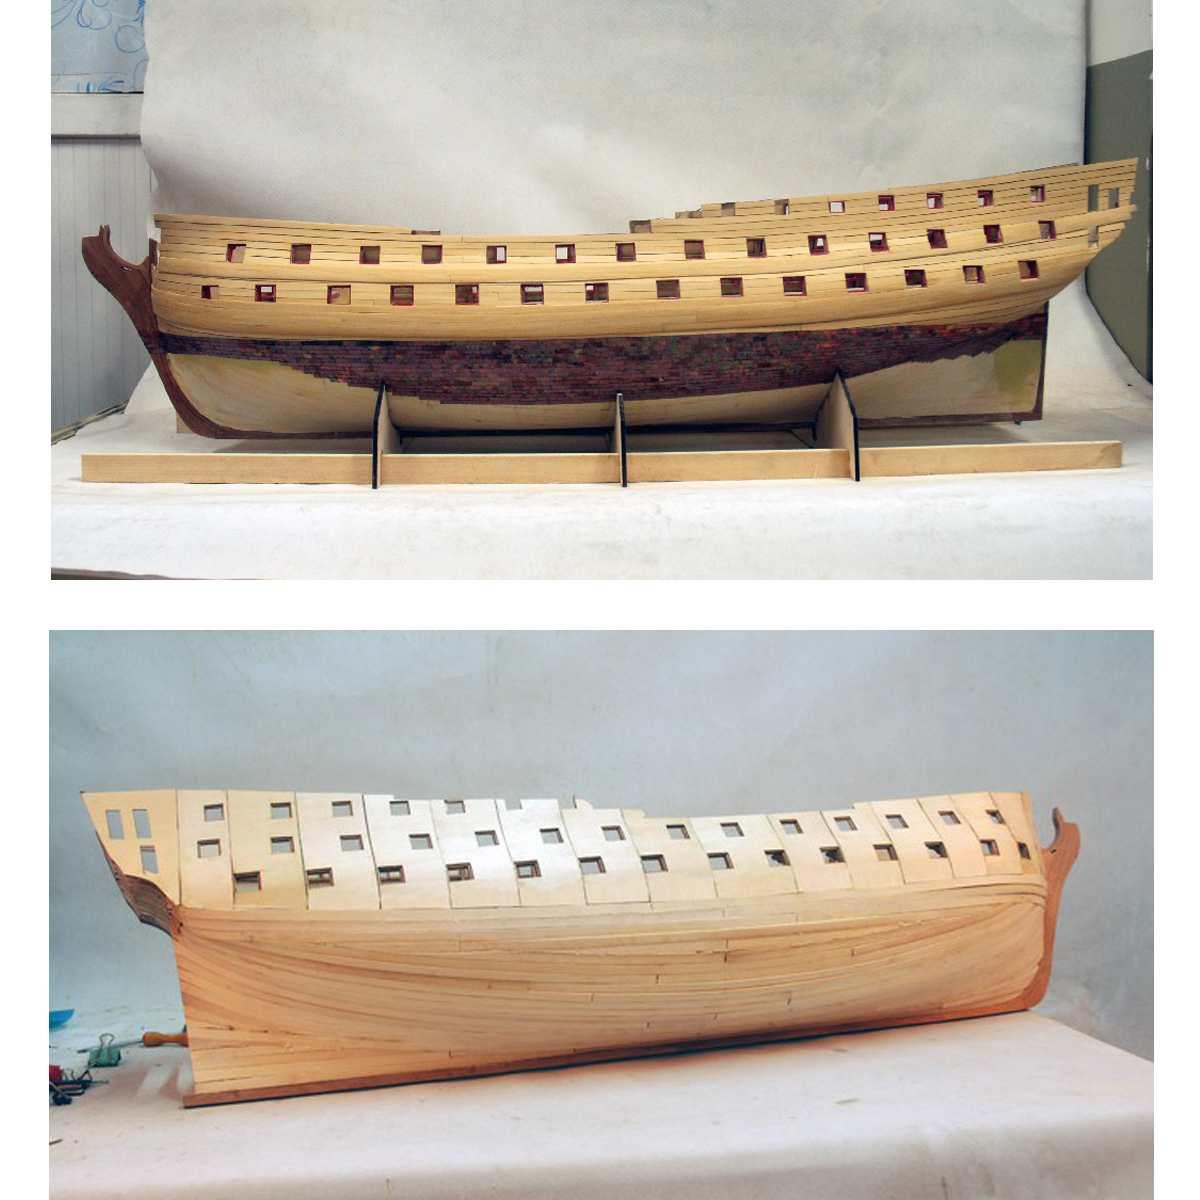 DIY Handgemaakte Montage Schip Voor HMS Bellona 1/48 Schaal Houten Craft Slagschip Model Kits Huishoudelijke Ornamenten Decoratie Gift - 2